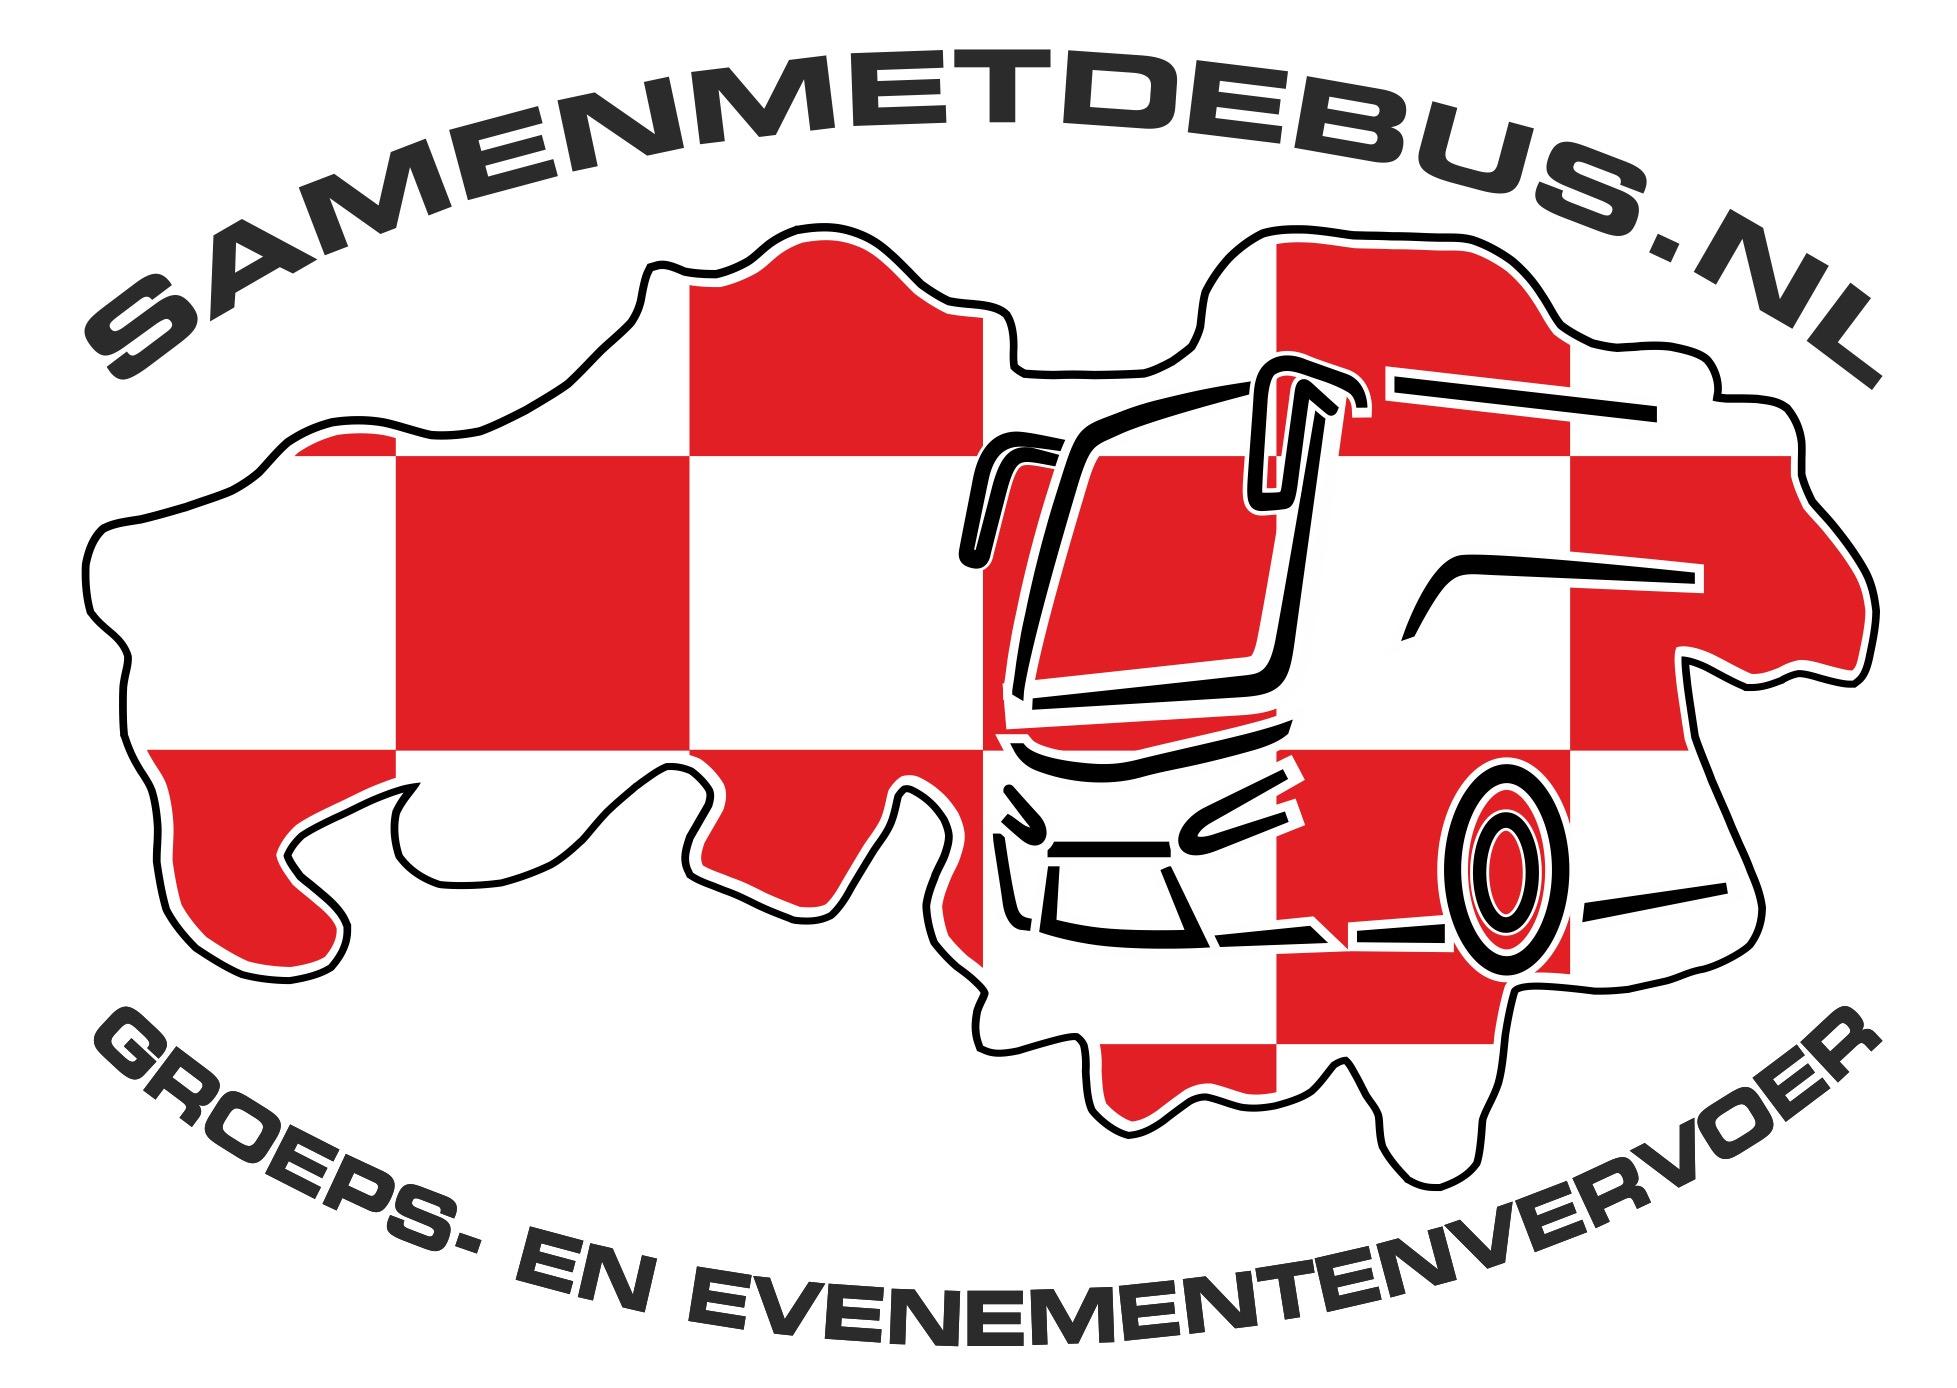 samenmetdebus.nl